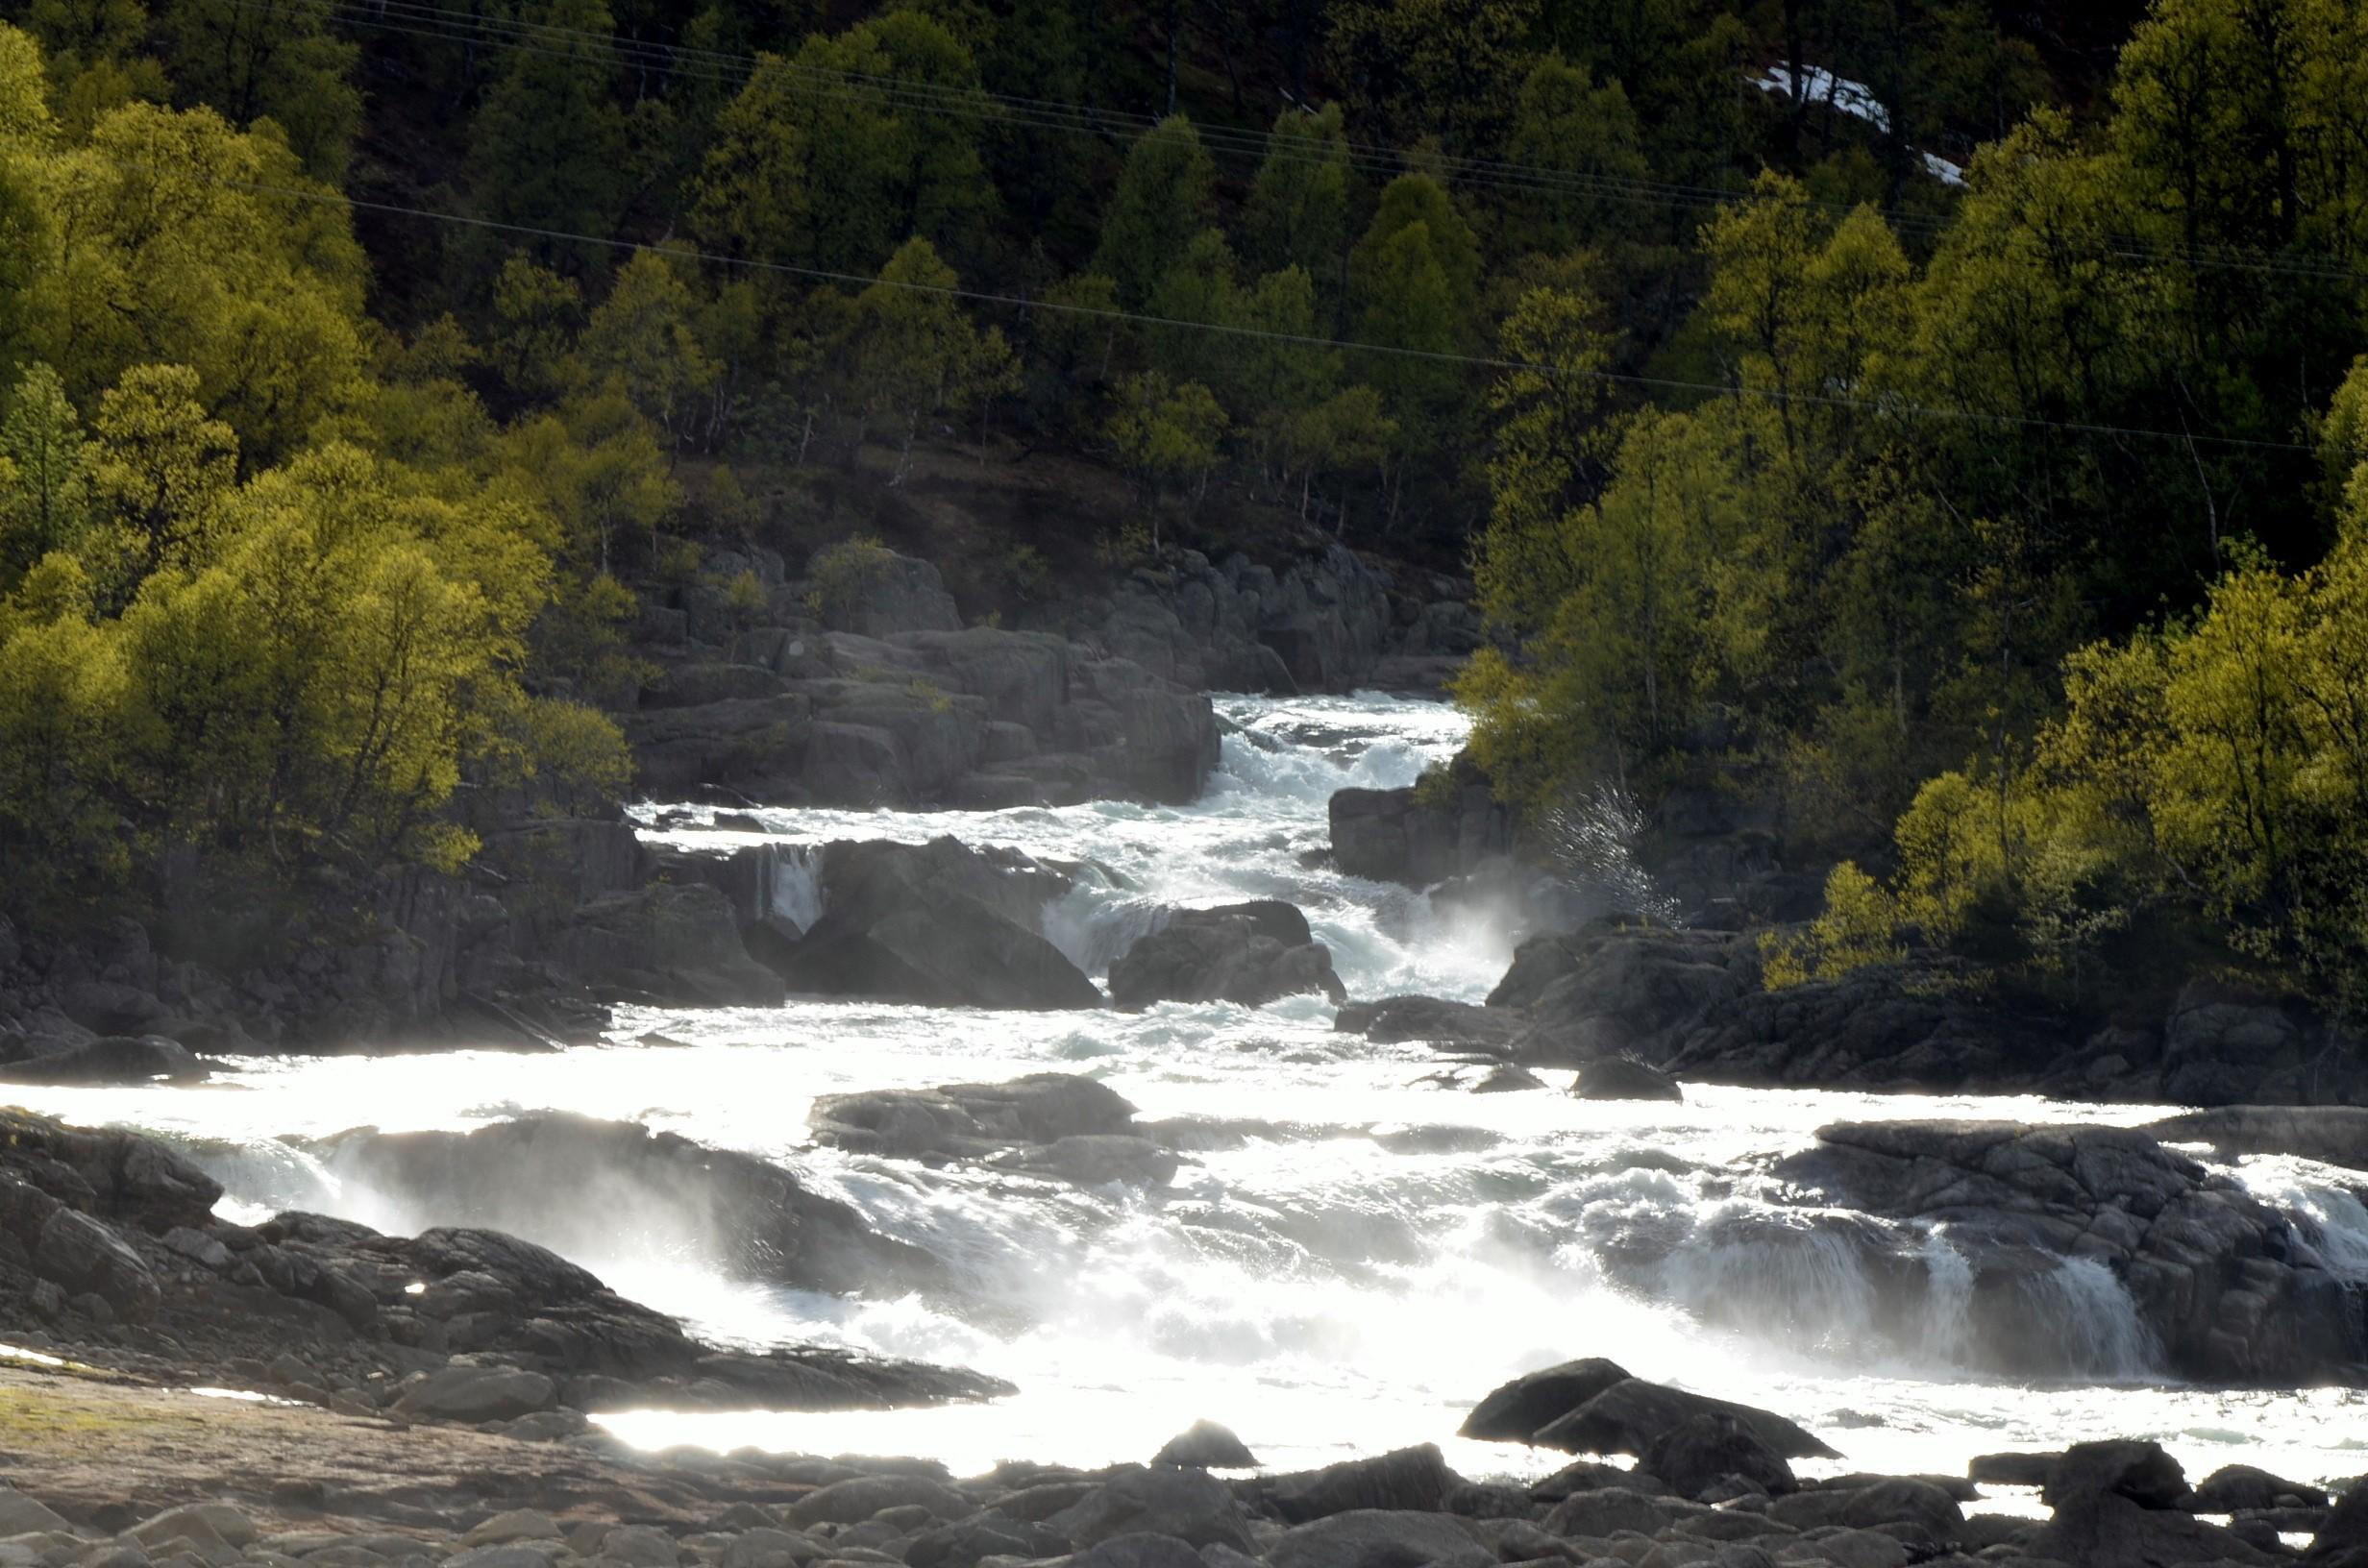 Gushing water - Iceland